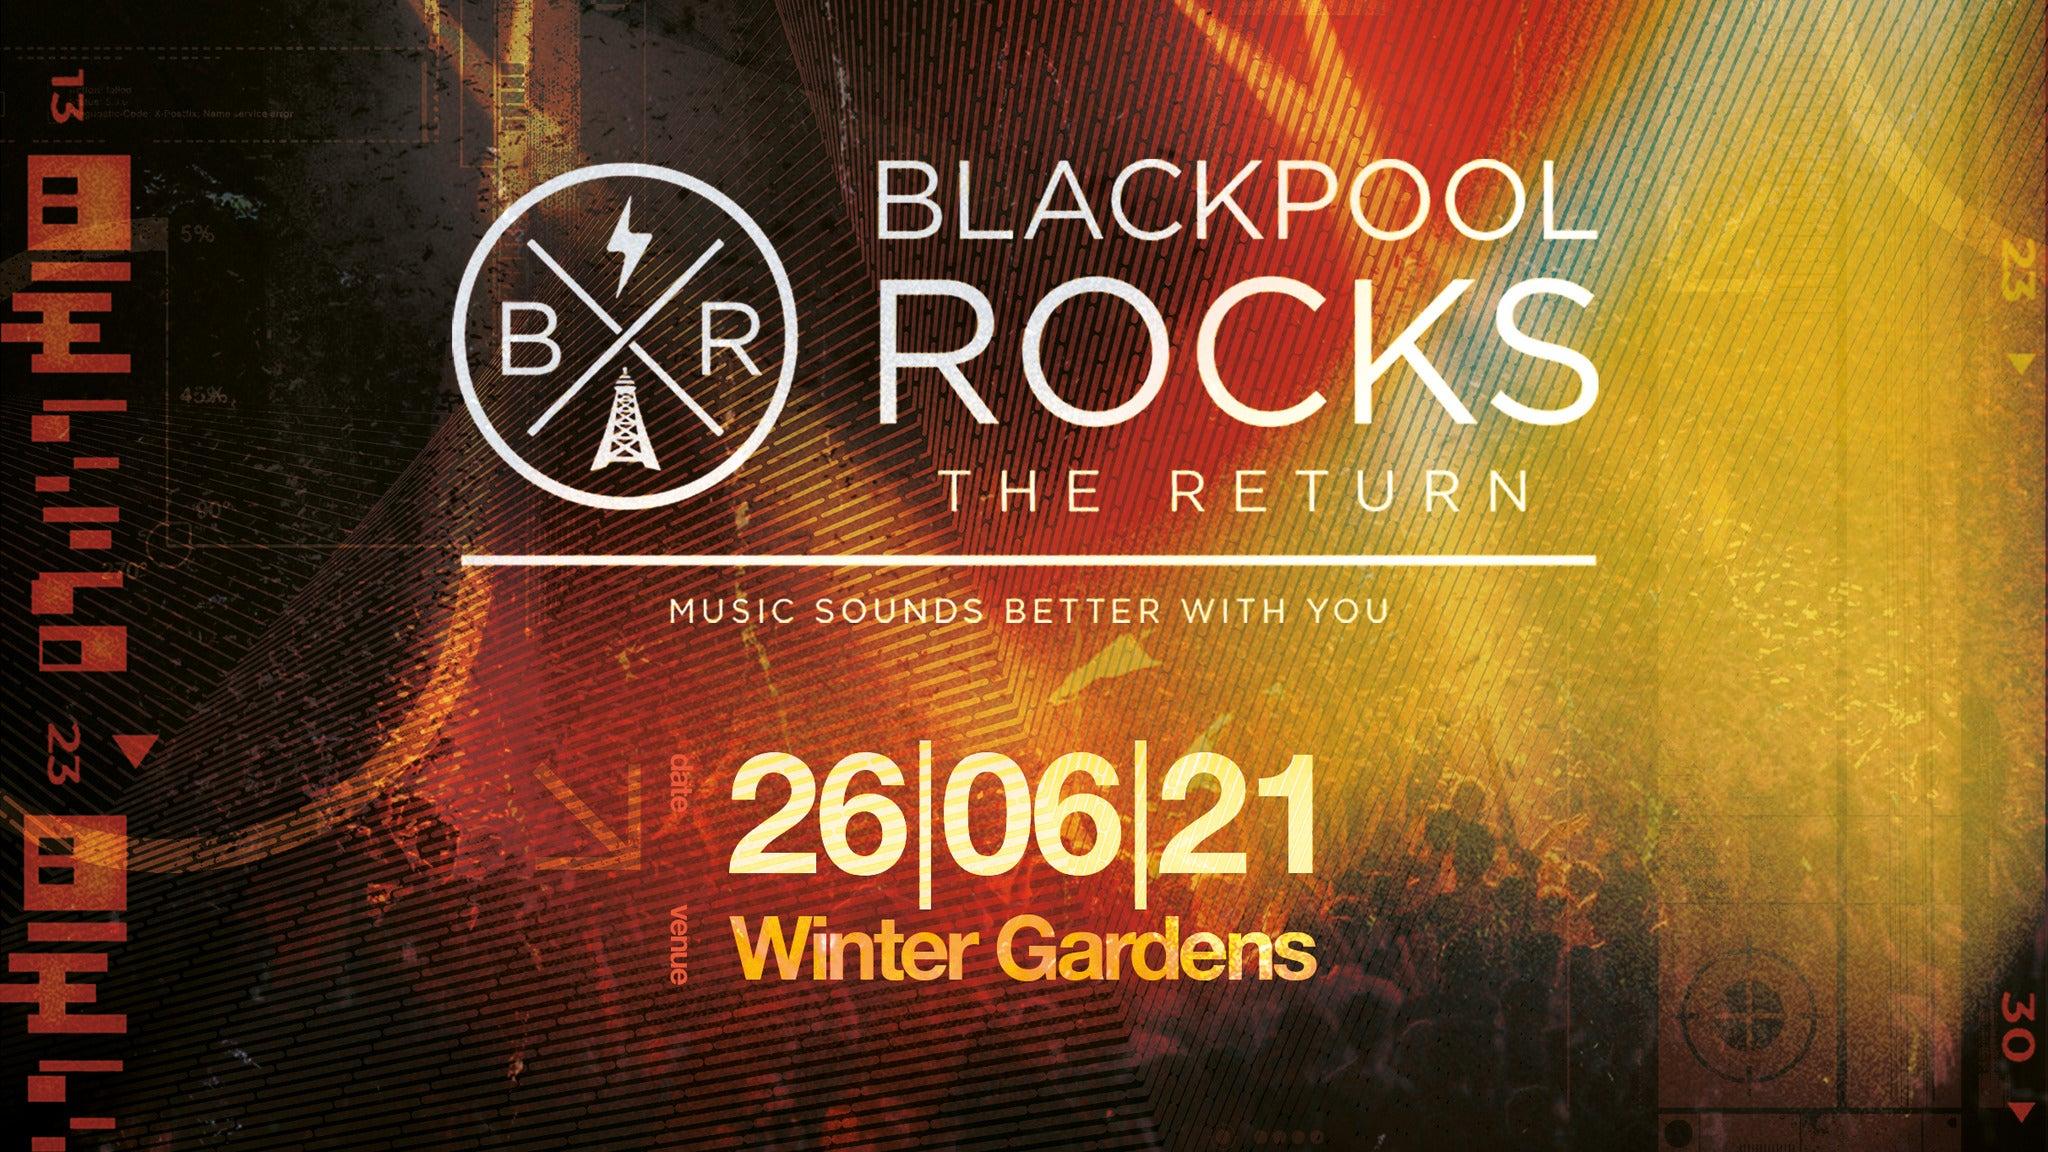 Blackpool Rocks: the Return